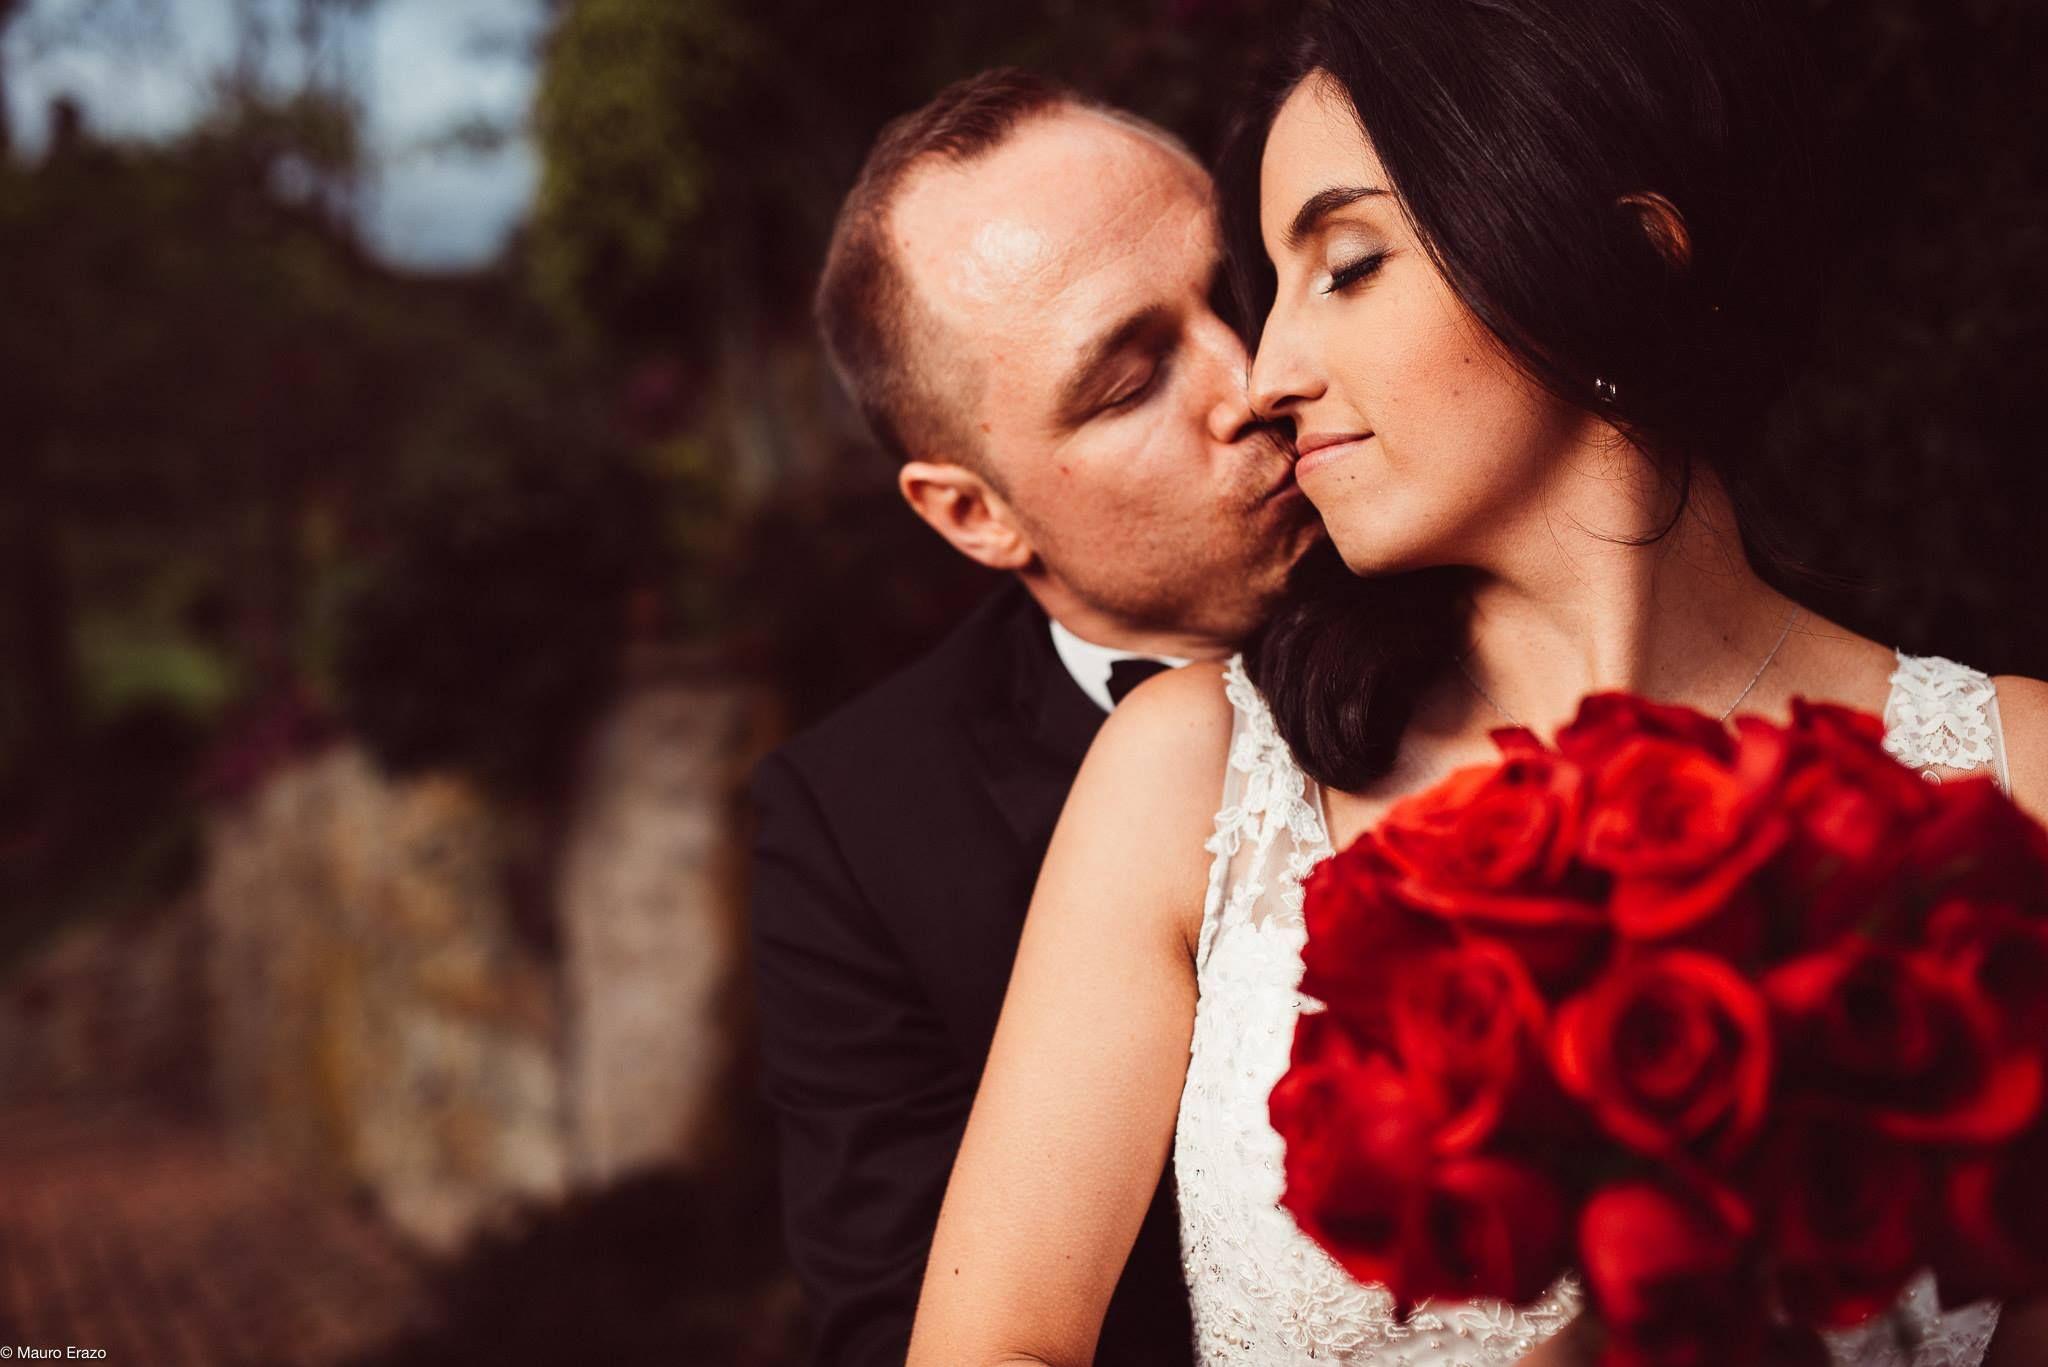 Stephan & Marcela.. Sigueme para ver más imágenes. https://www.facebook.com/MauroErazo.Photo #Meerph #Boda #Amor #Love #Wedding #WeddingDay #Bride #BrideInspiration